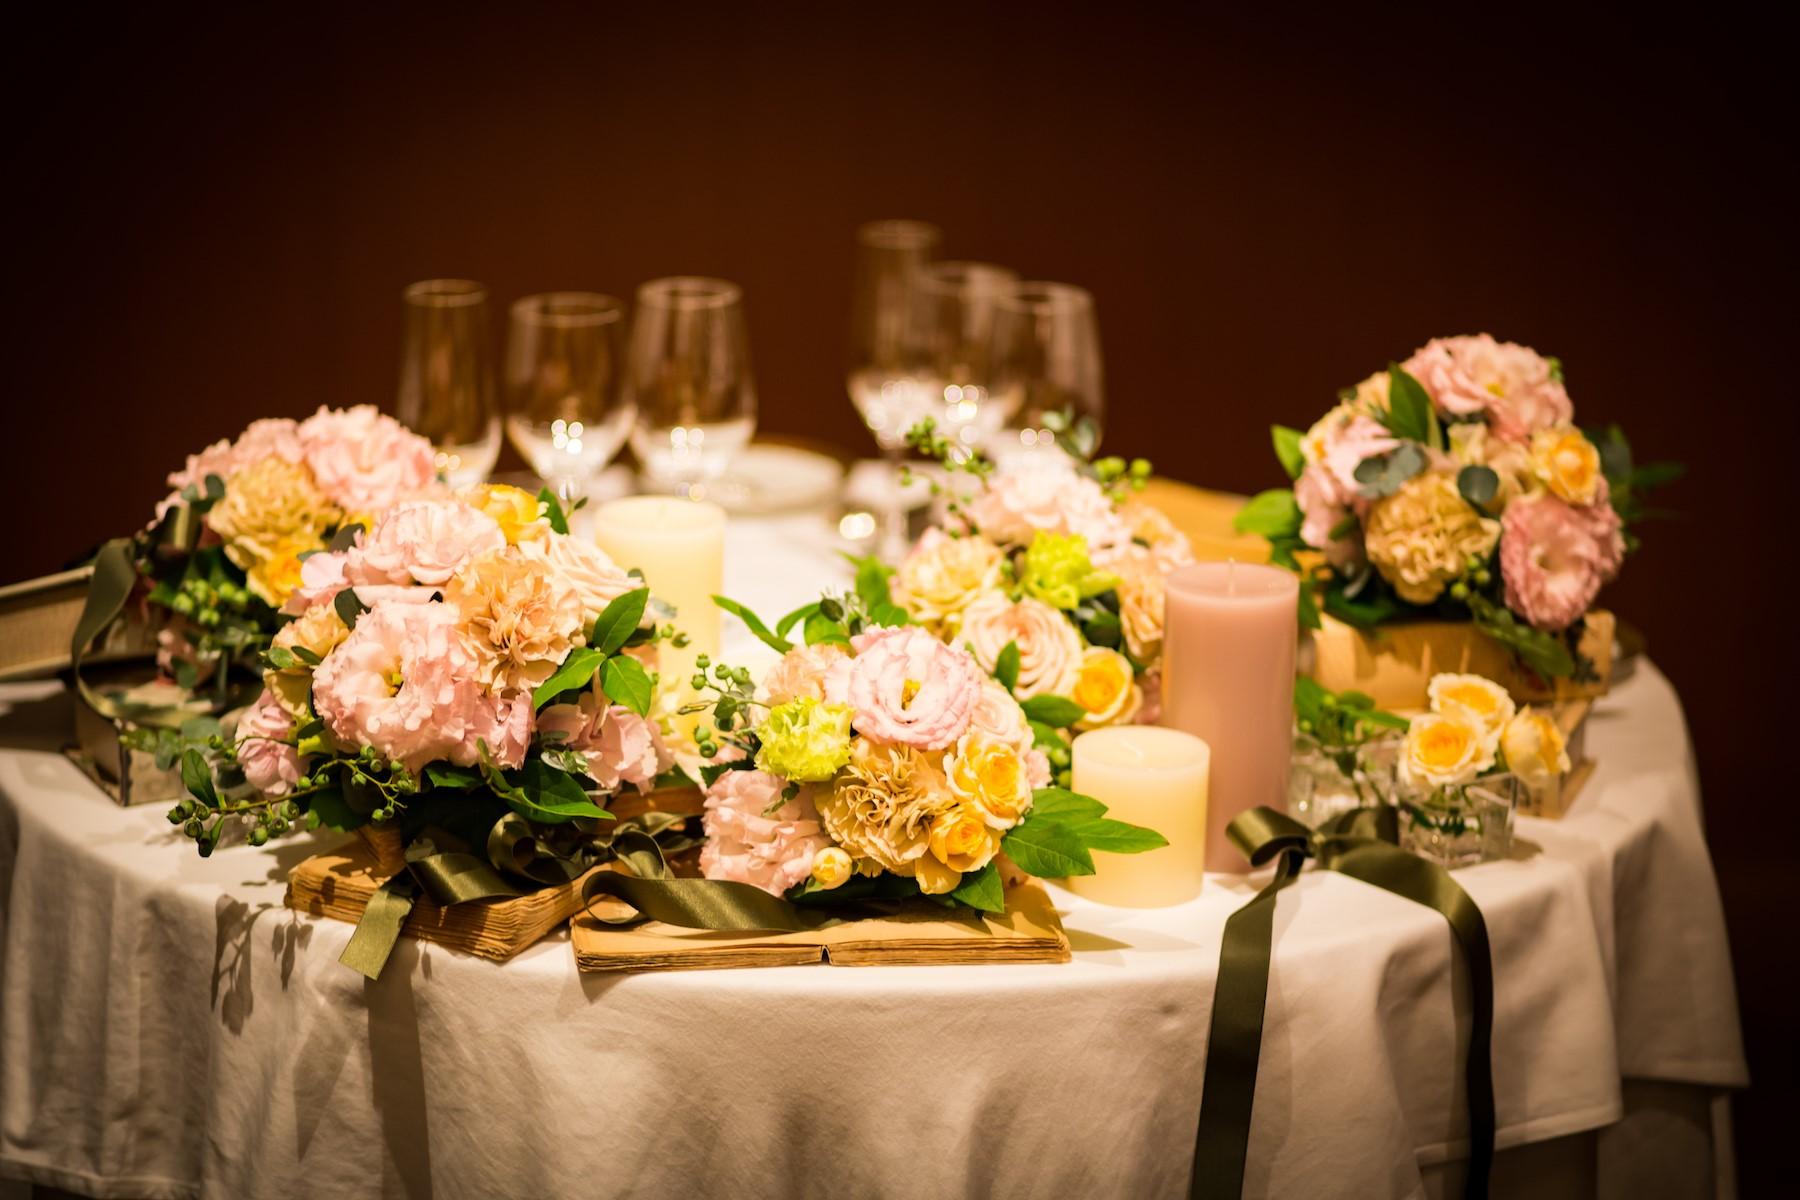 みんなの成功例に学ぶ結婚式での持ち込み料の賢い交渉術